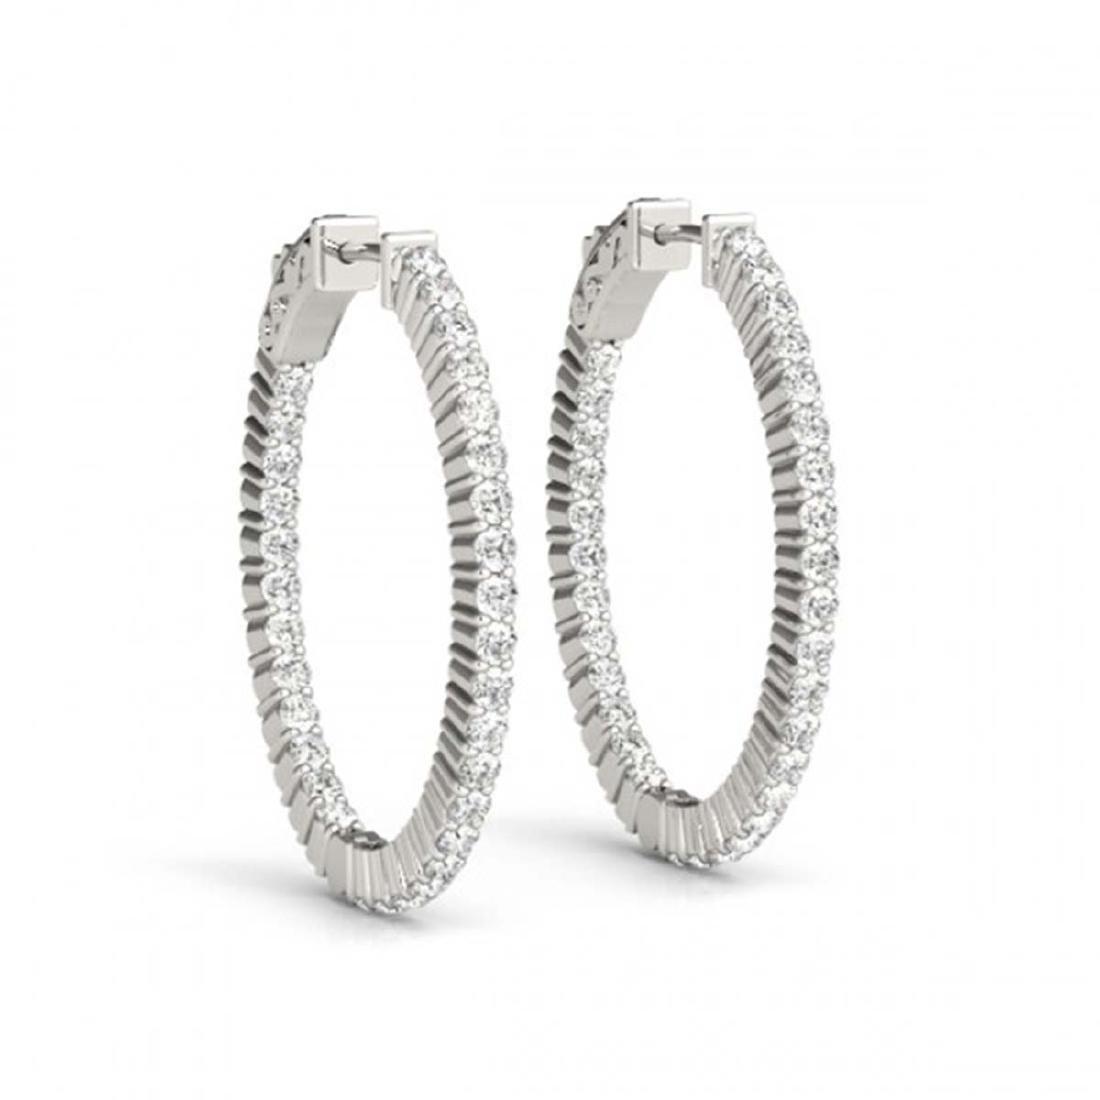 5 CTW Diamond VS/SI 32 Mm Hoop Earrings 14K White Gold - 2